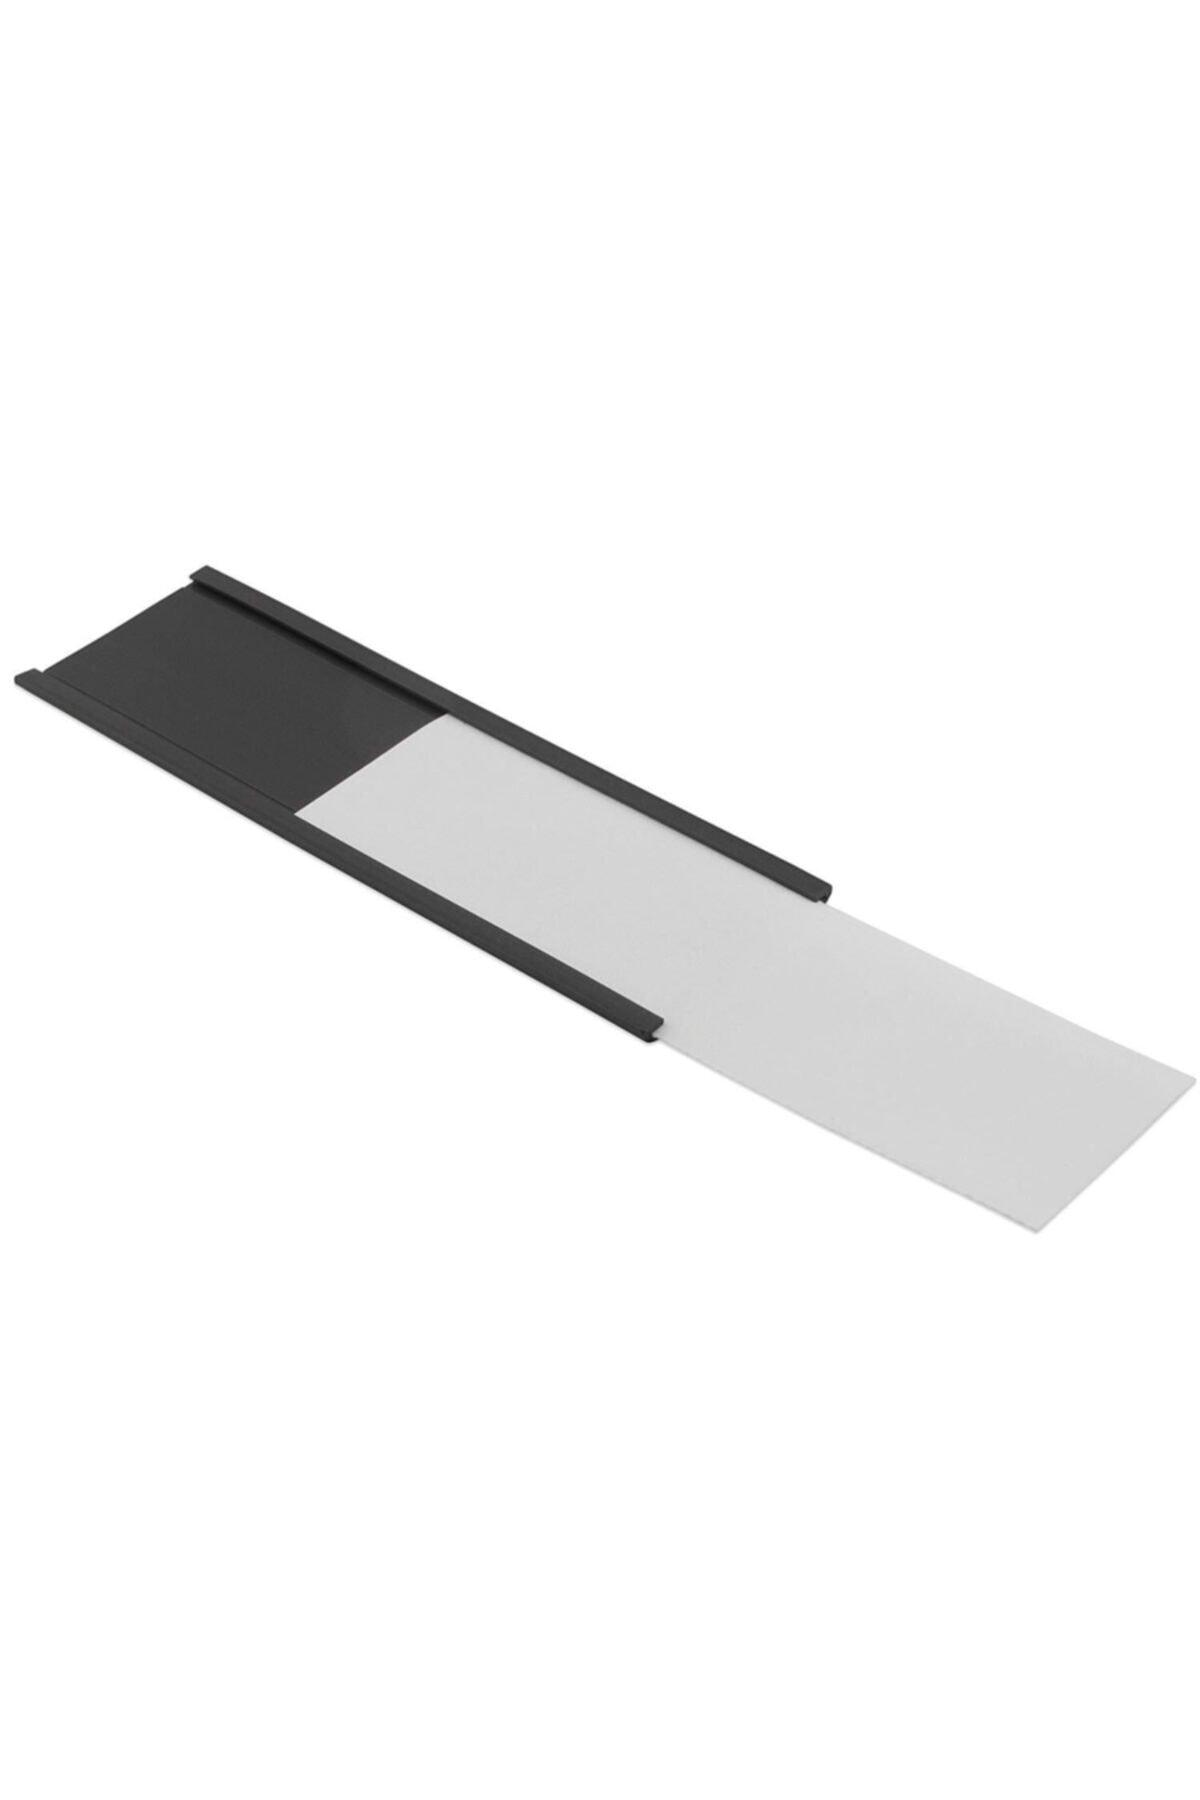 Dünya Magnet Kanallı Etiketlik Şerit Mıknatıs Raf Magneti En 40 cm Boy 1 m 1